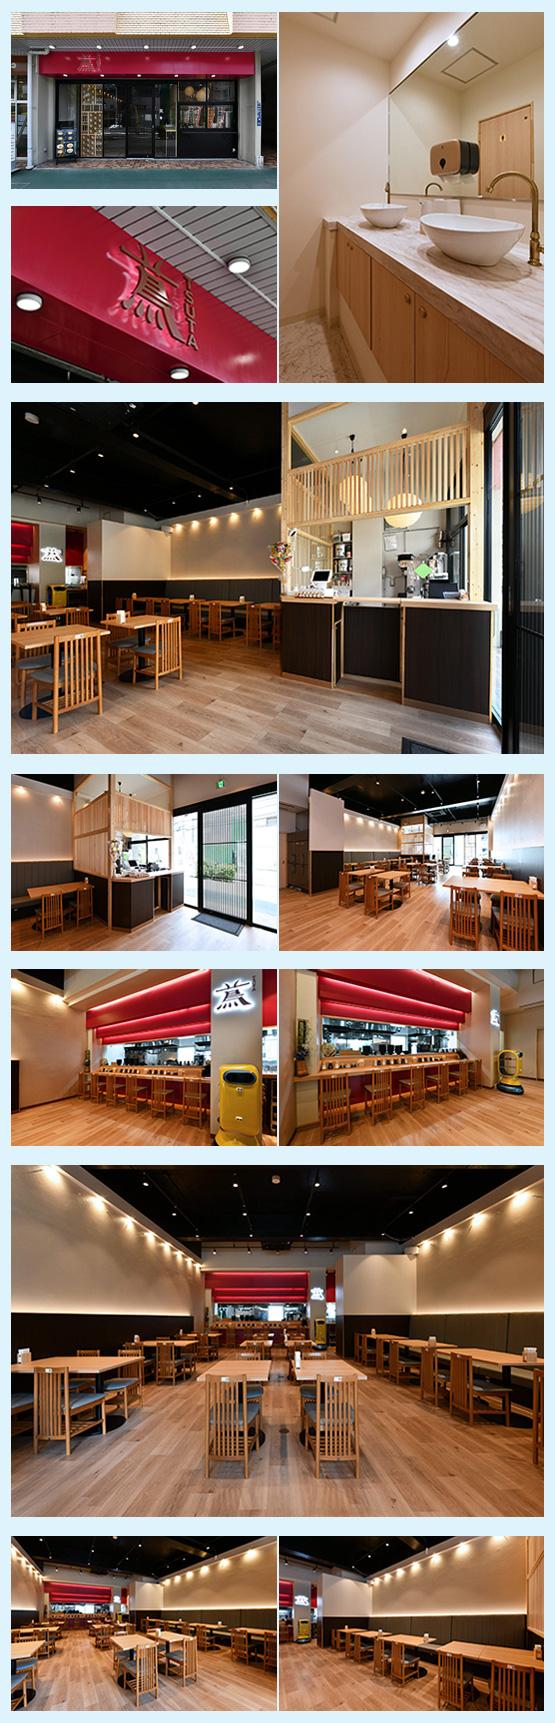 和食店・寿司屋・うどん屋・蕎麦屋 内装デザイン事例4